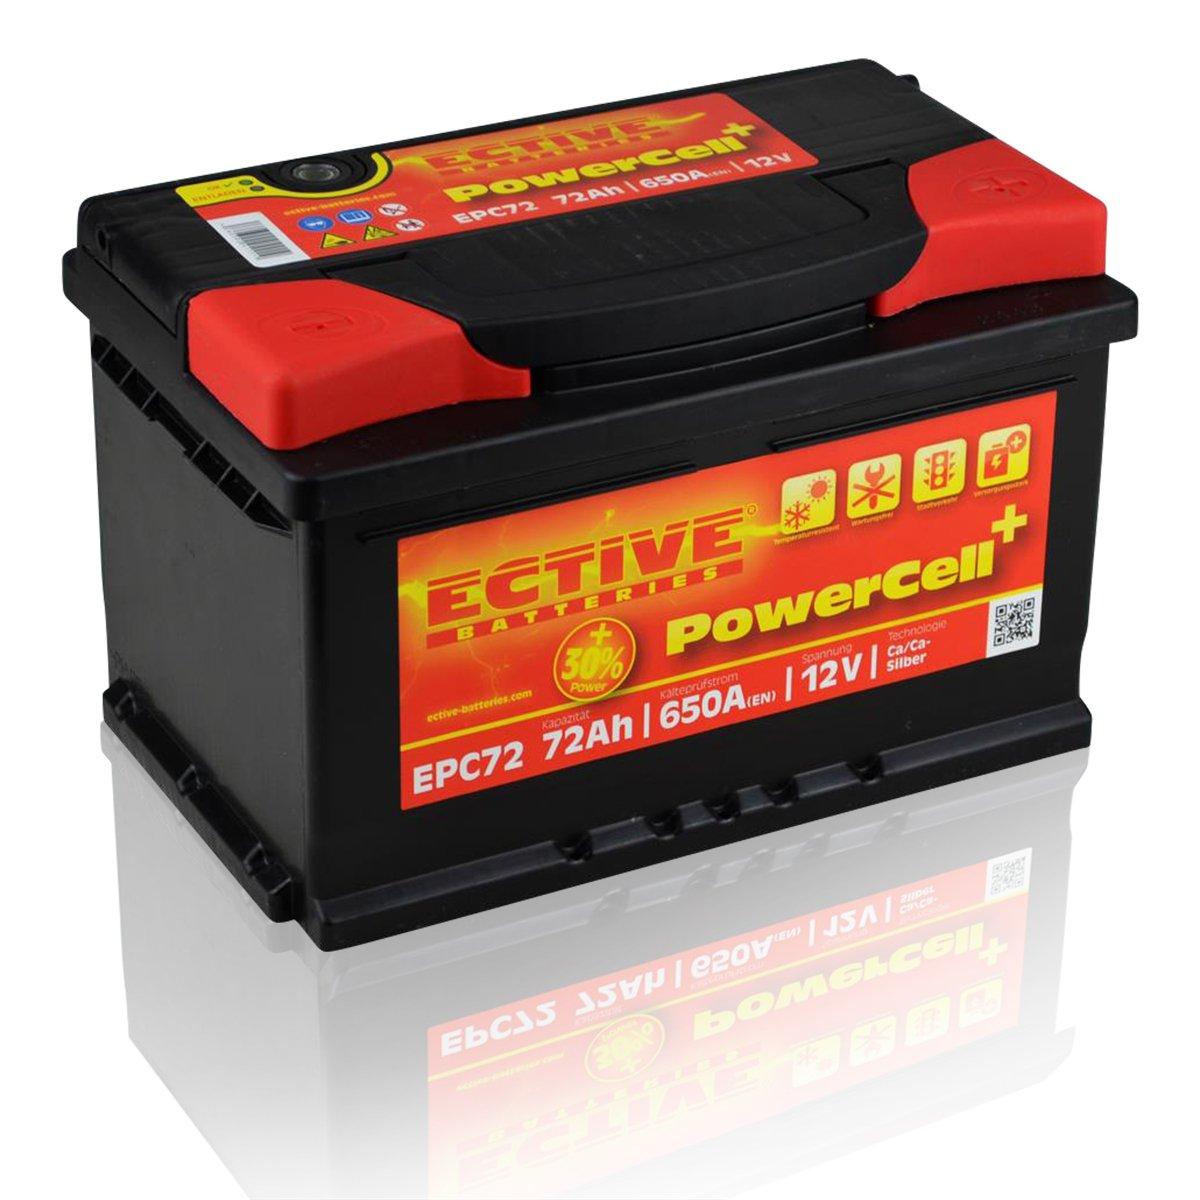 autobatterie vergleich: